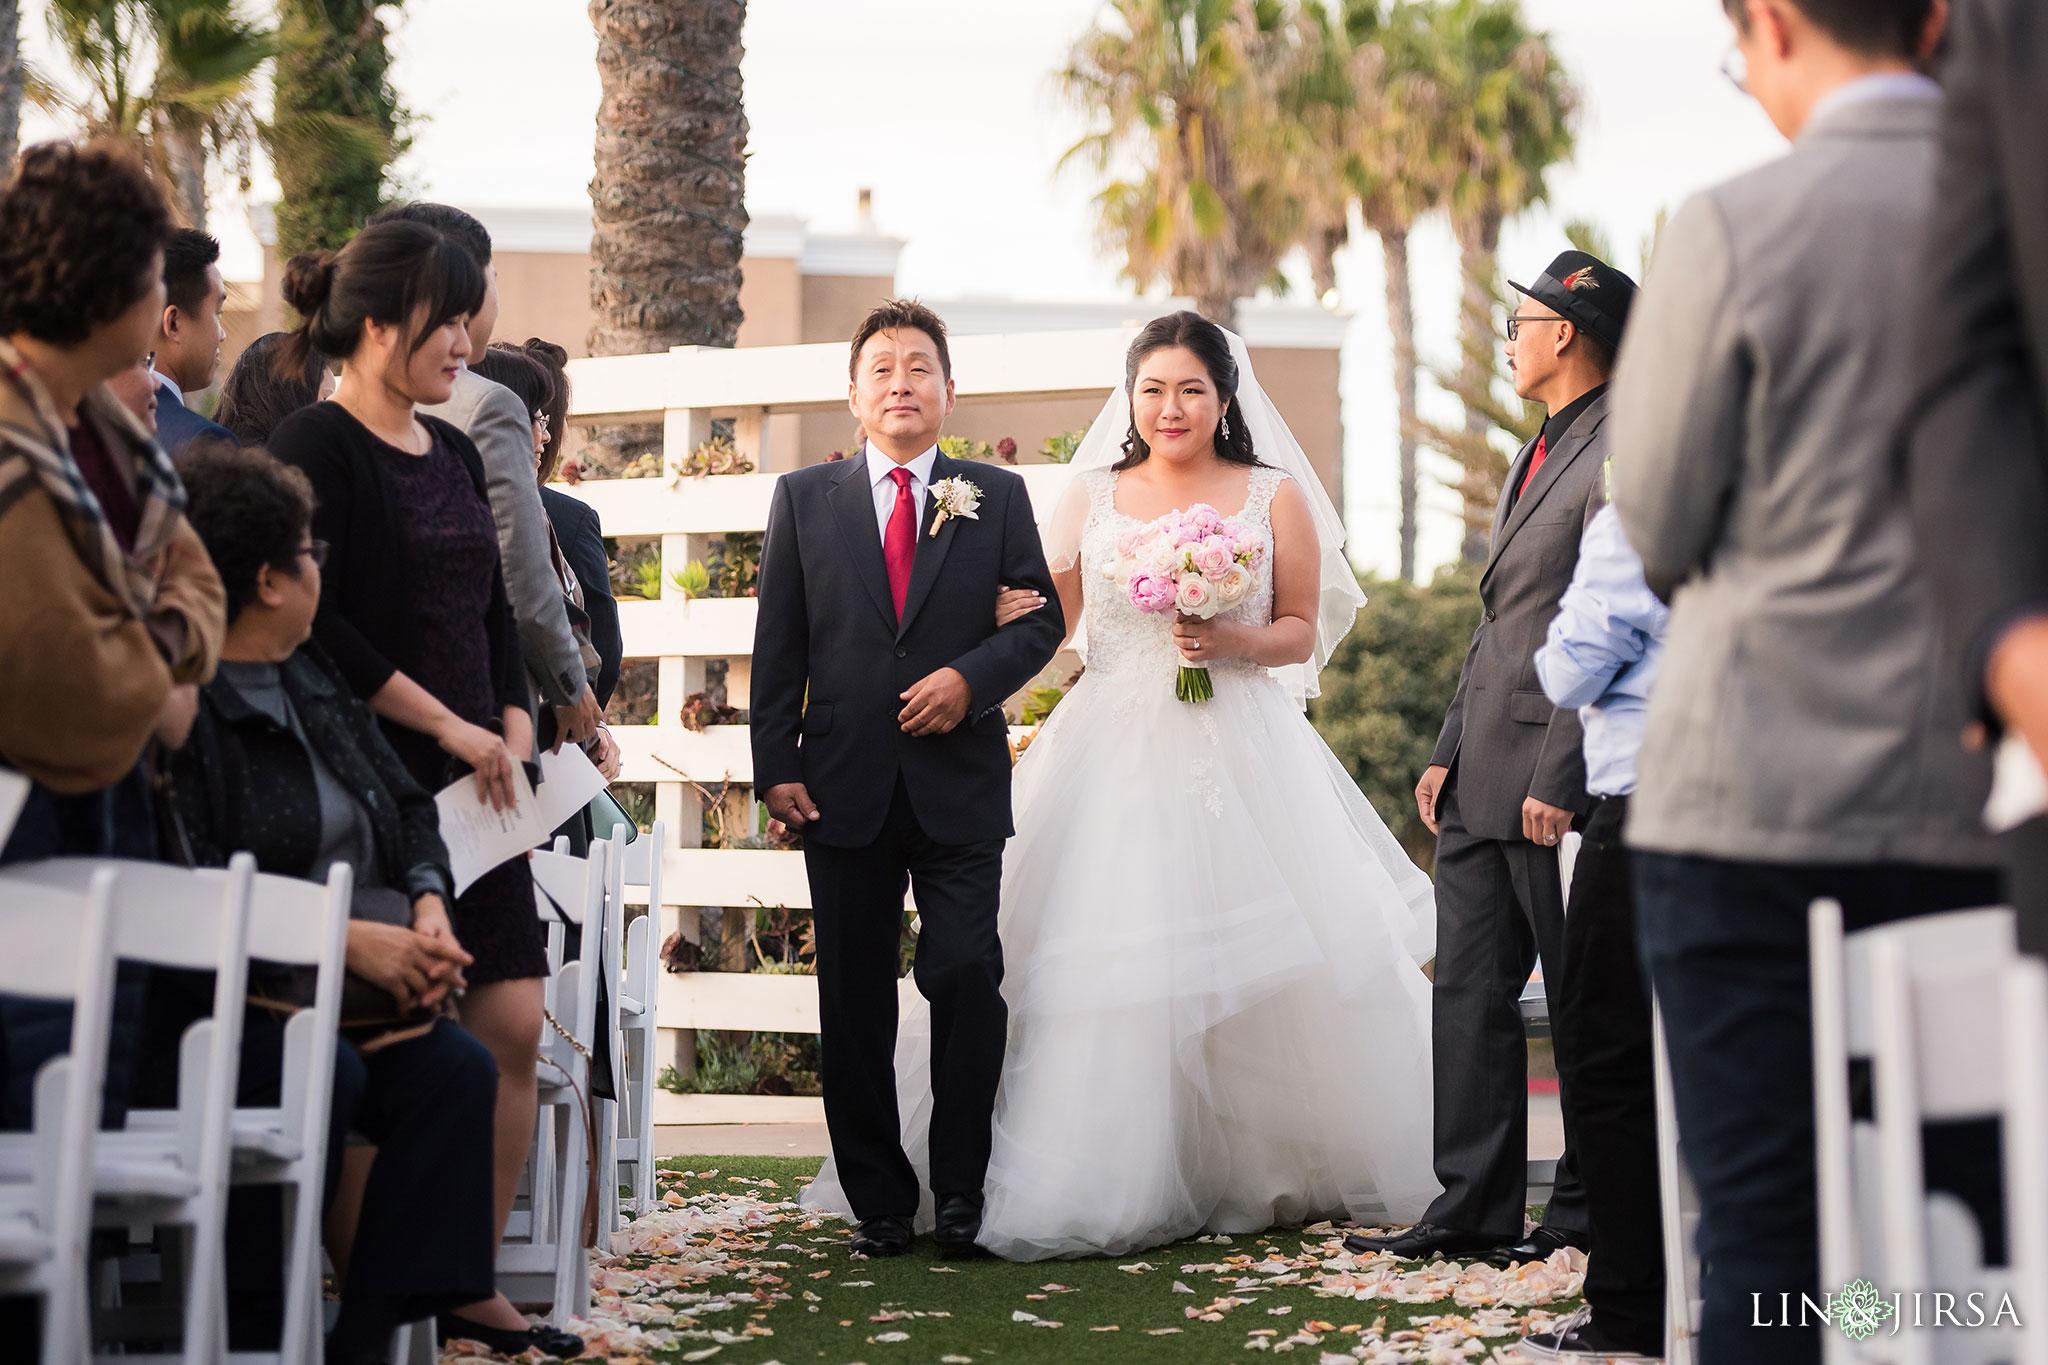 20 portofino hotel redondo beach wedding ceremony photography